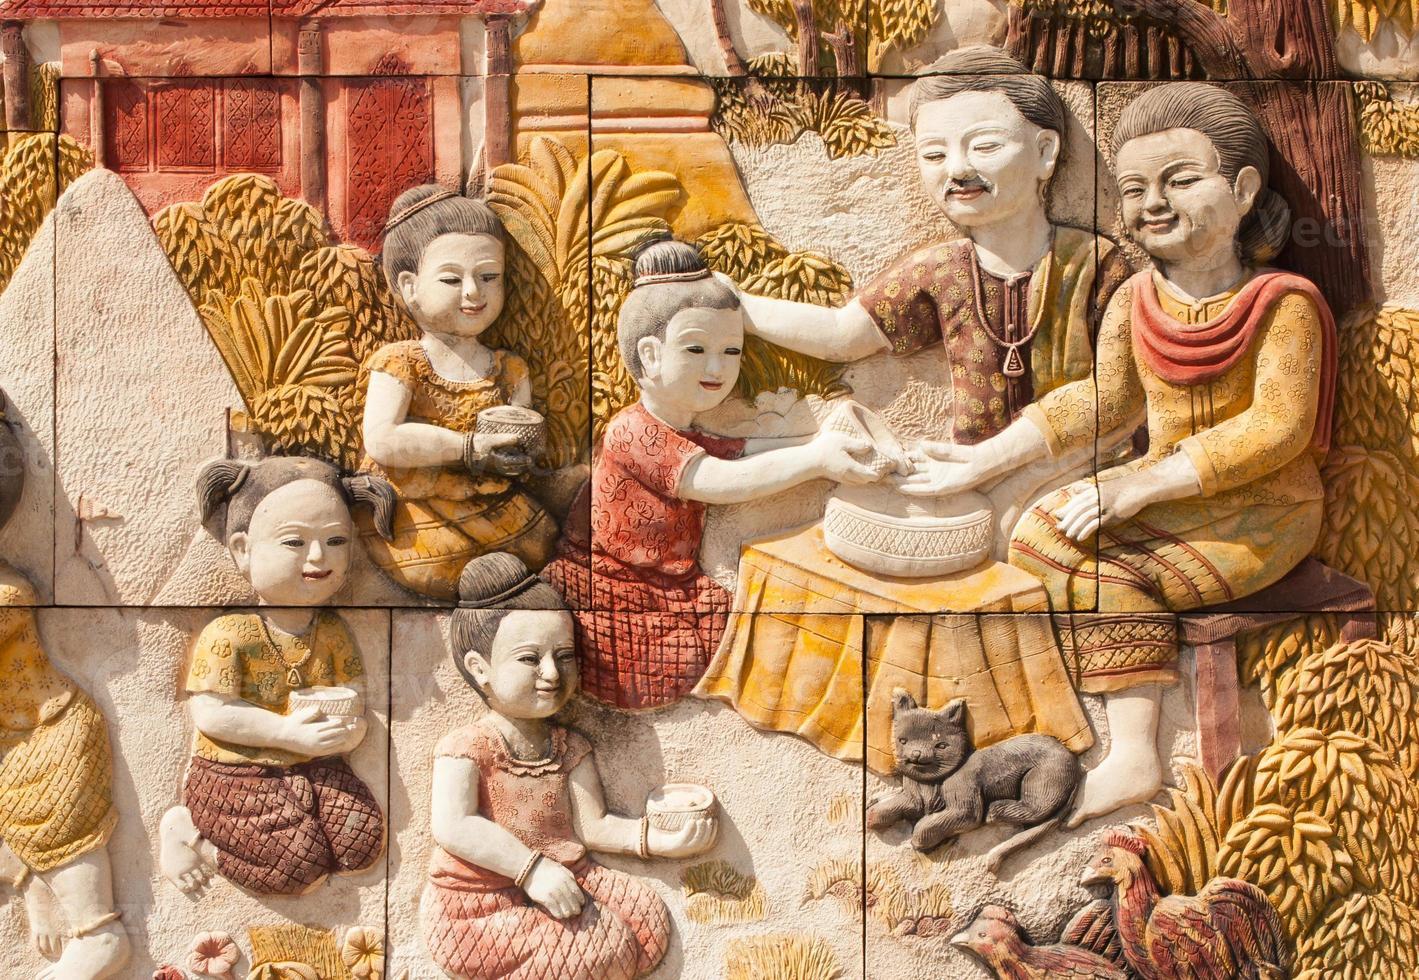 sten snidning av thailändsk kultur av Songkran festival foto